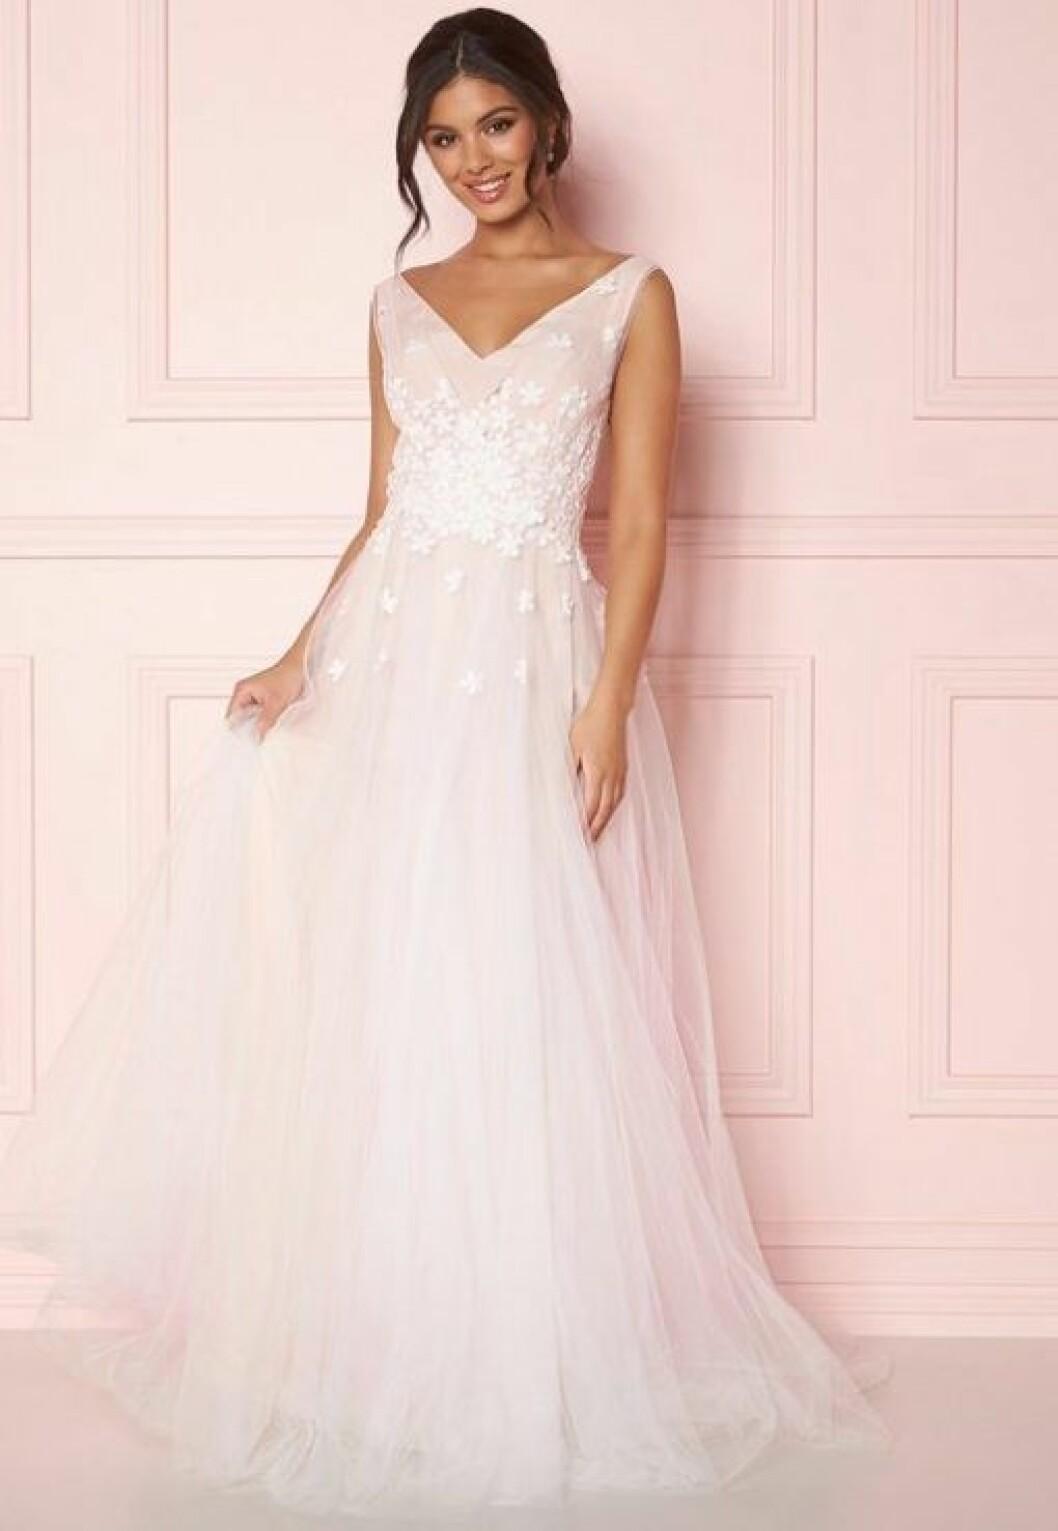 En bild på en brudklänning med detaljer i handgjord spets och djupt ringad rygg från Zetterberg Couture.